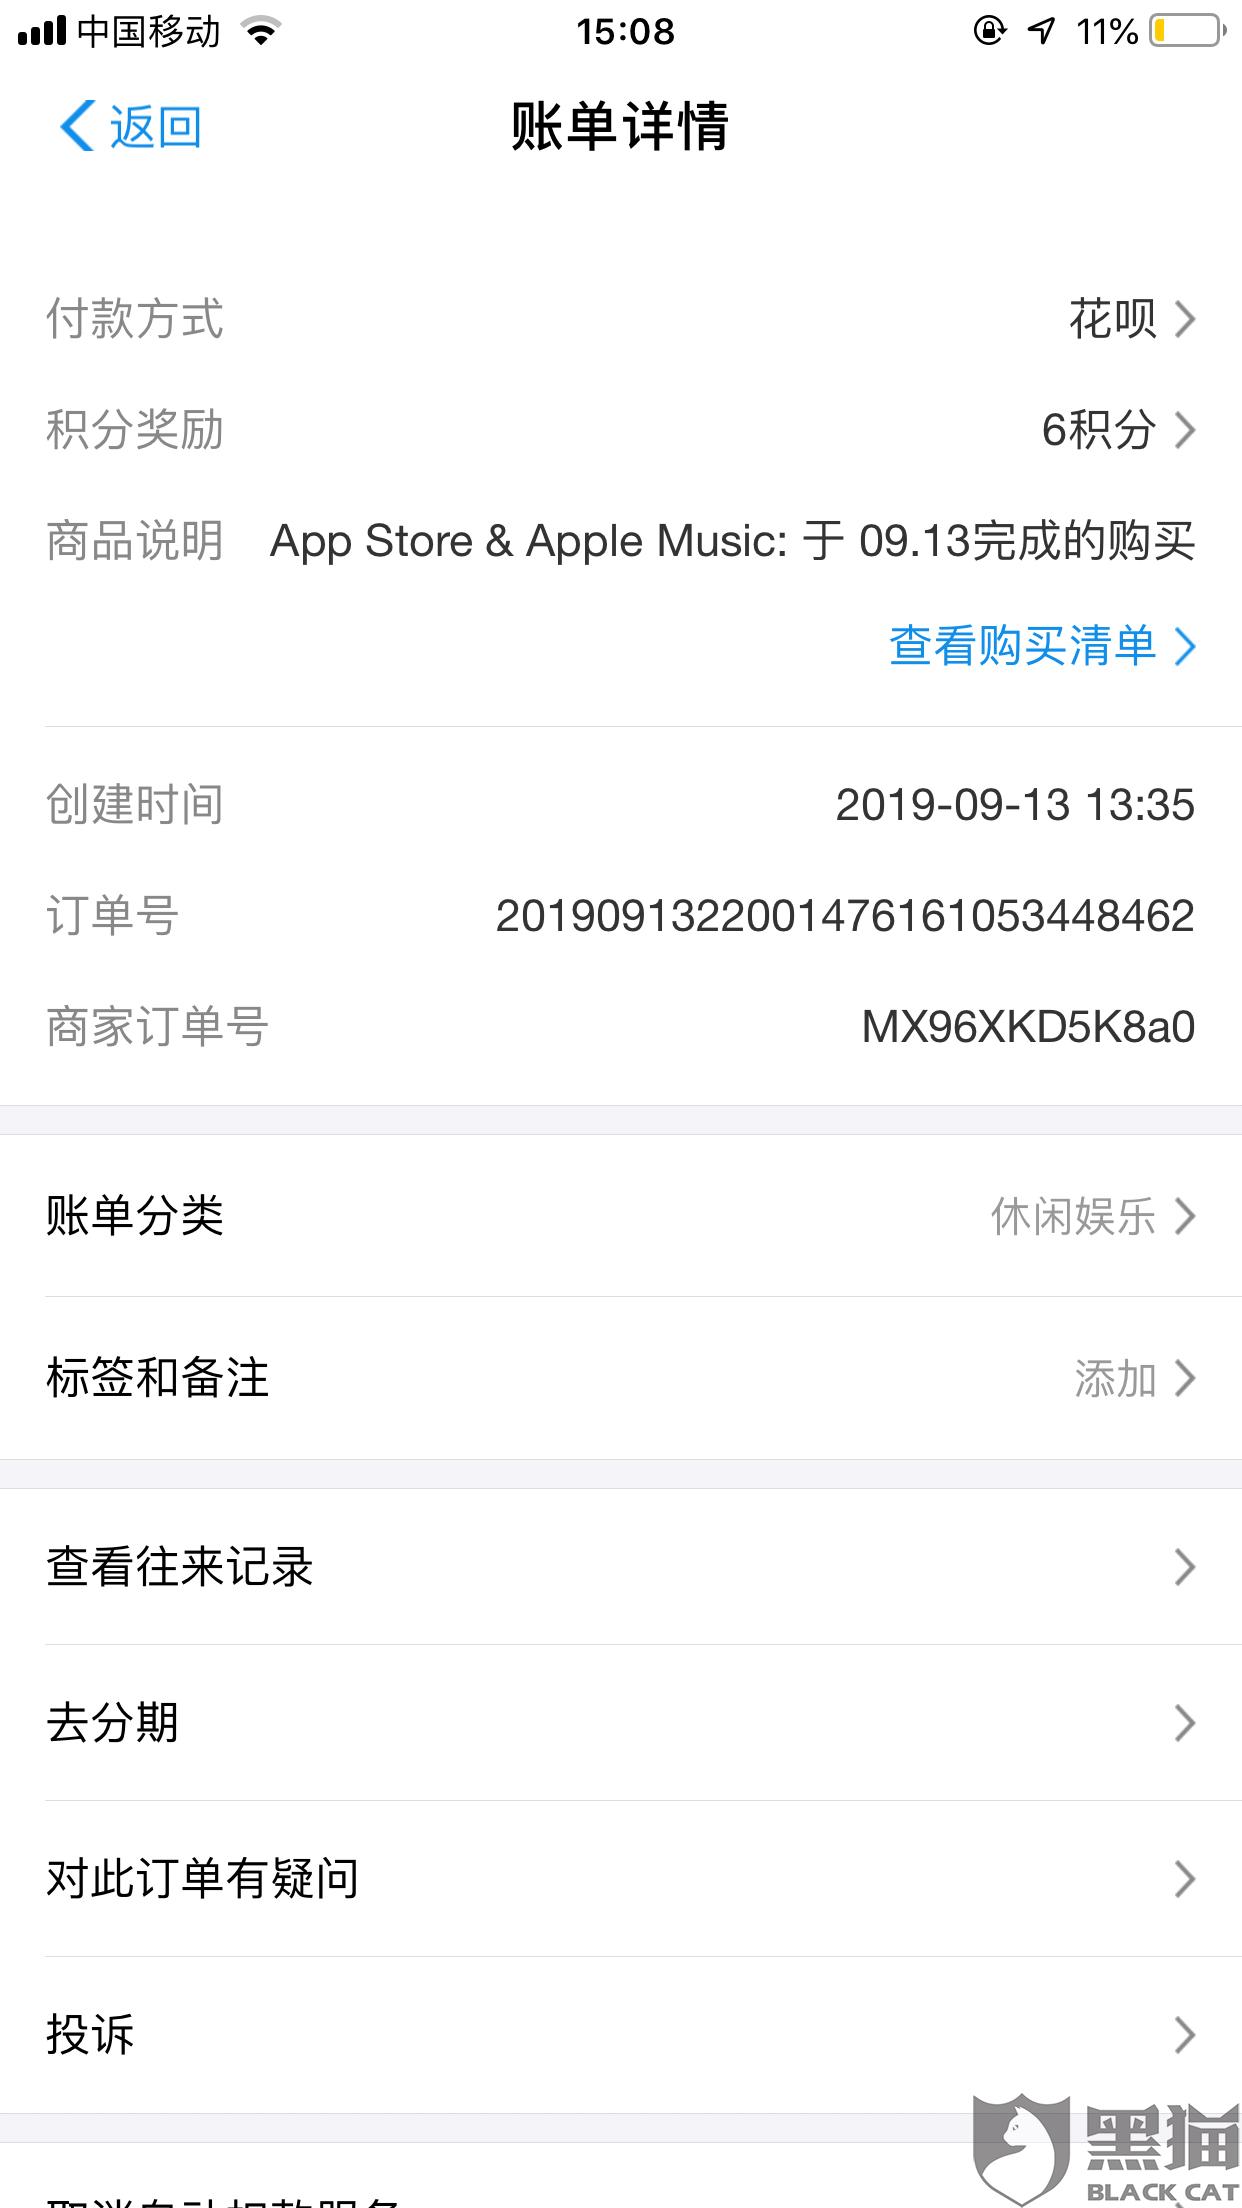 黑猫投诉:苹果应用商店